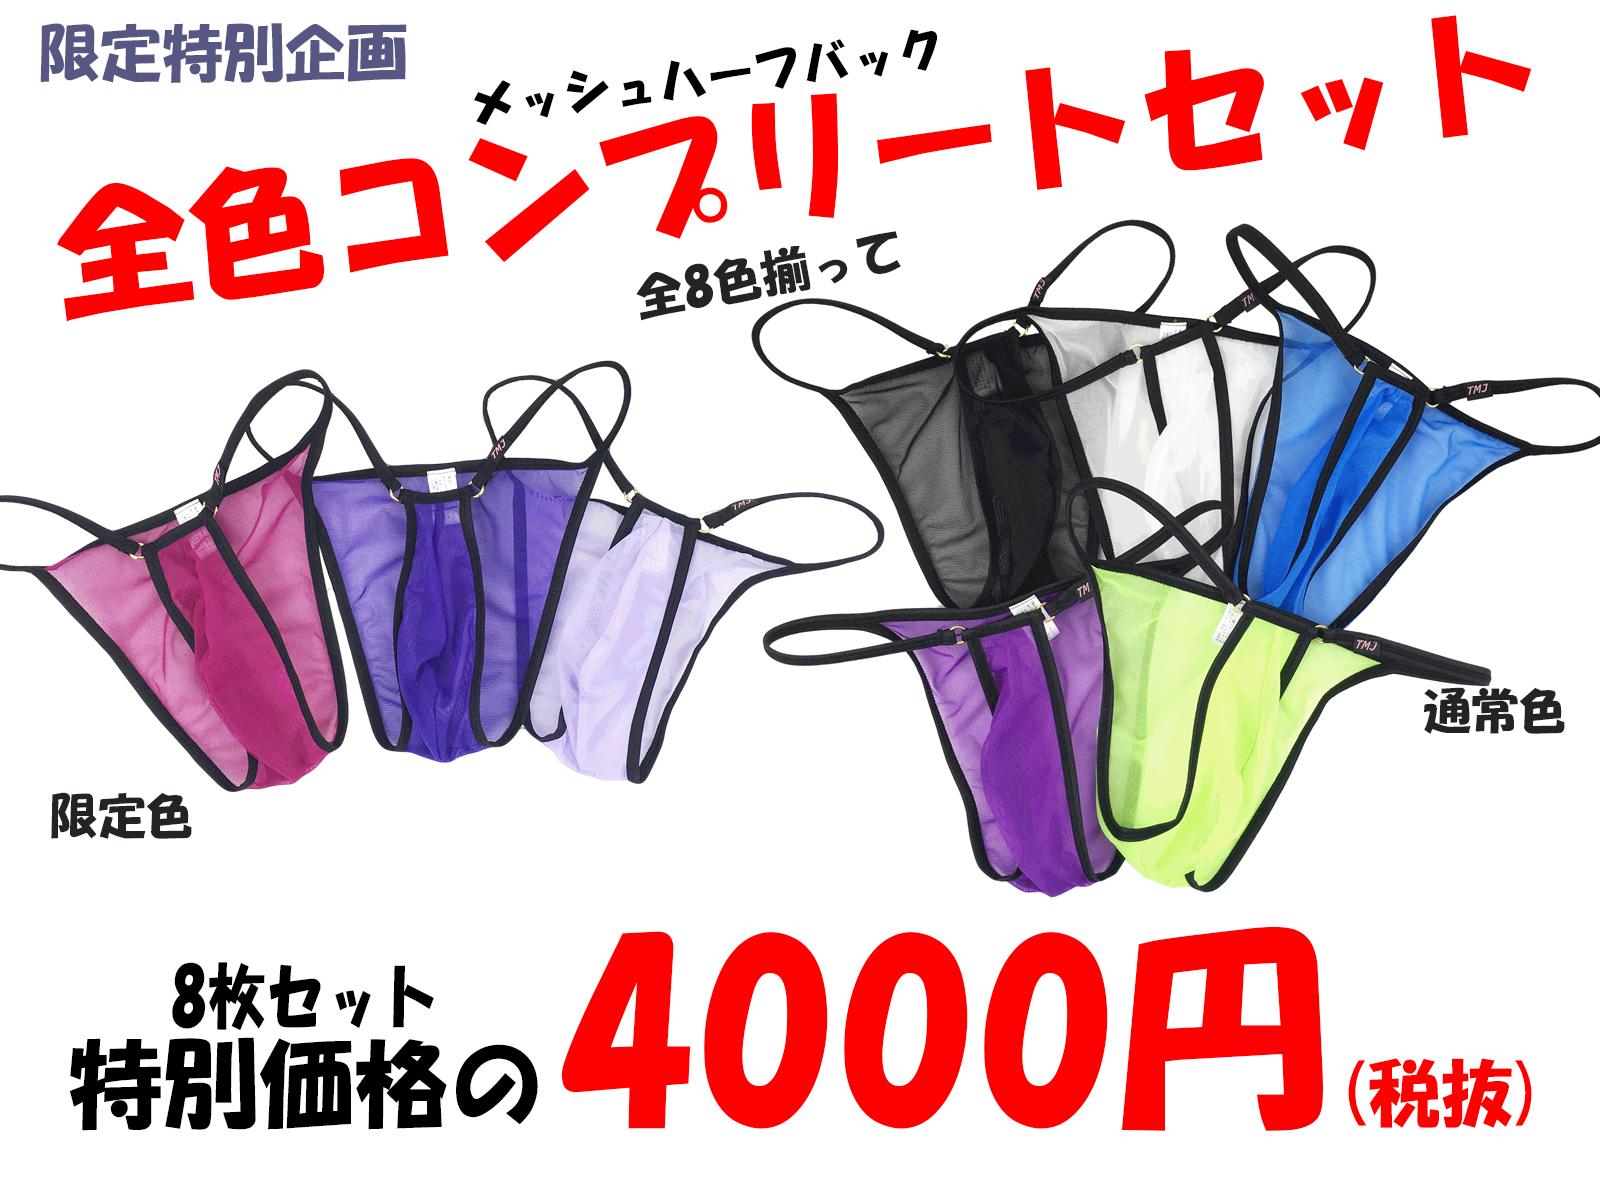 【特別企画】 メッシュバインダーハーフバック全8色コンプリートセット(425all)